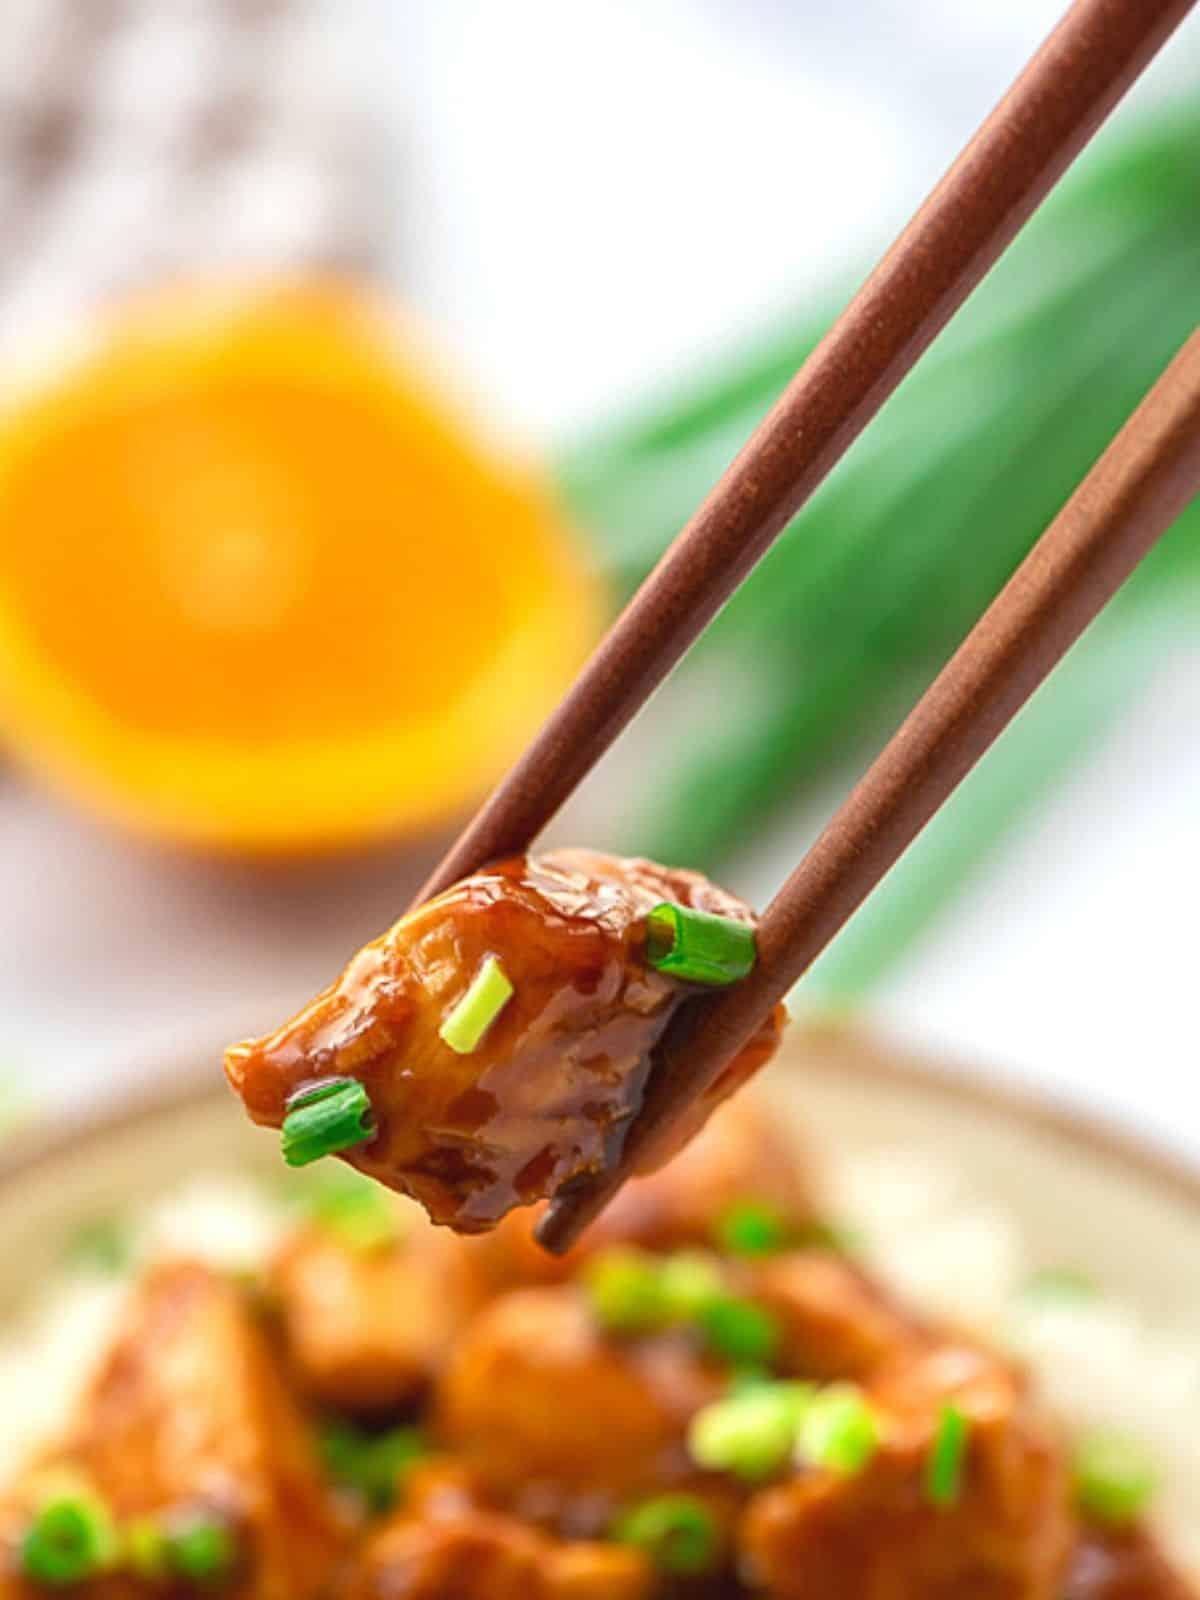 Chopstick holding piece of orange chicken.